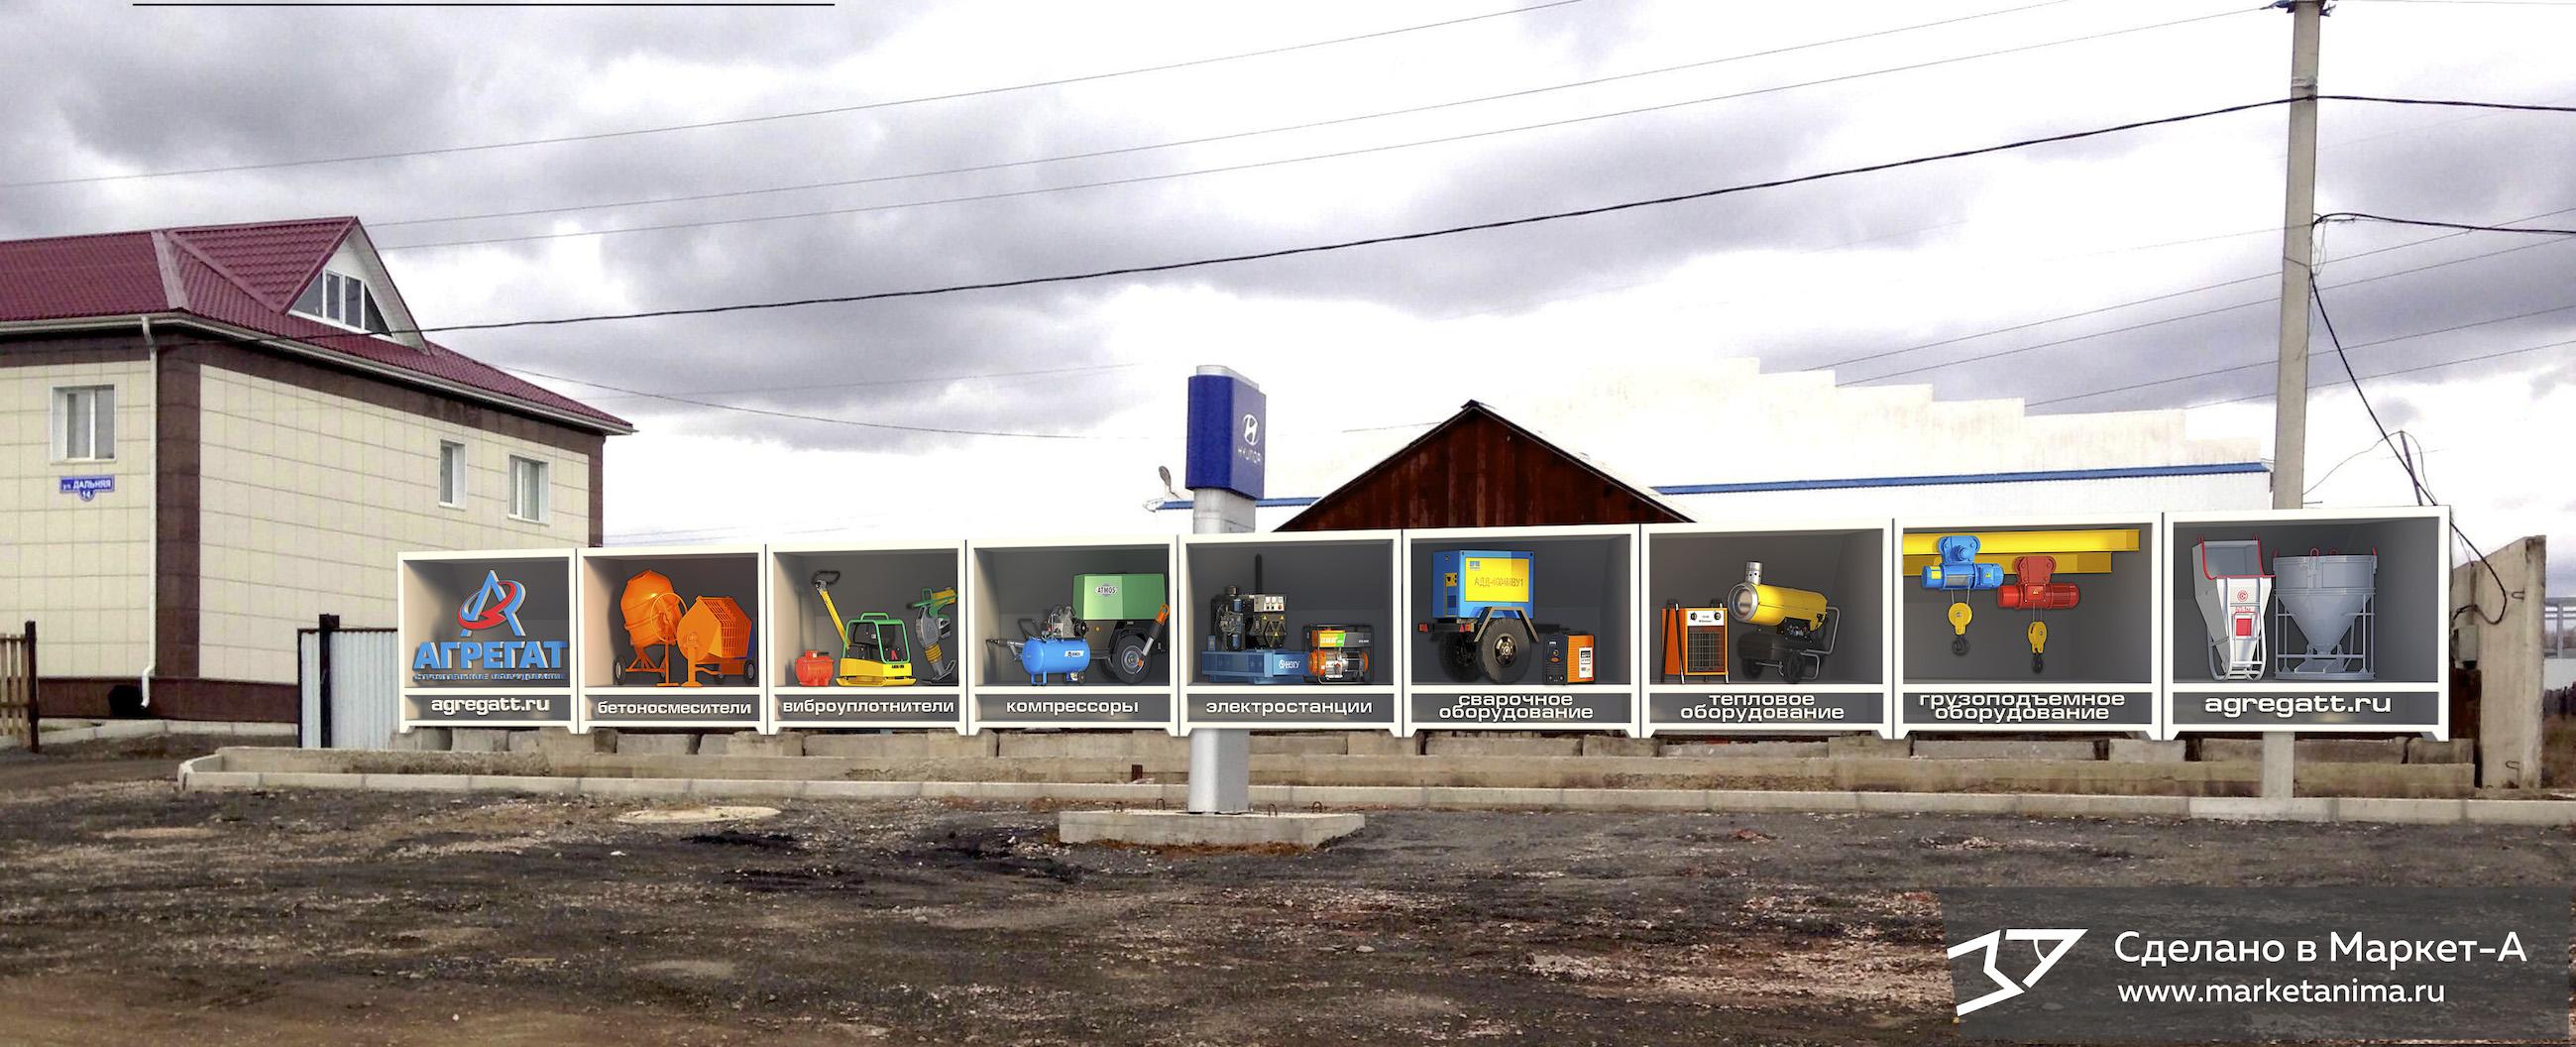 реклама на строительном заборе